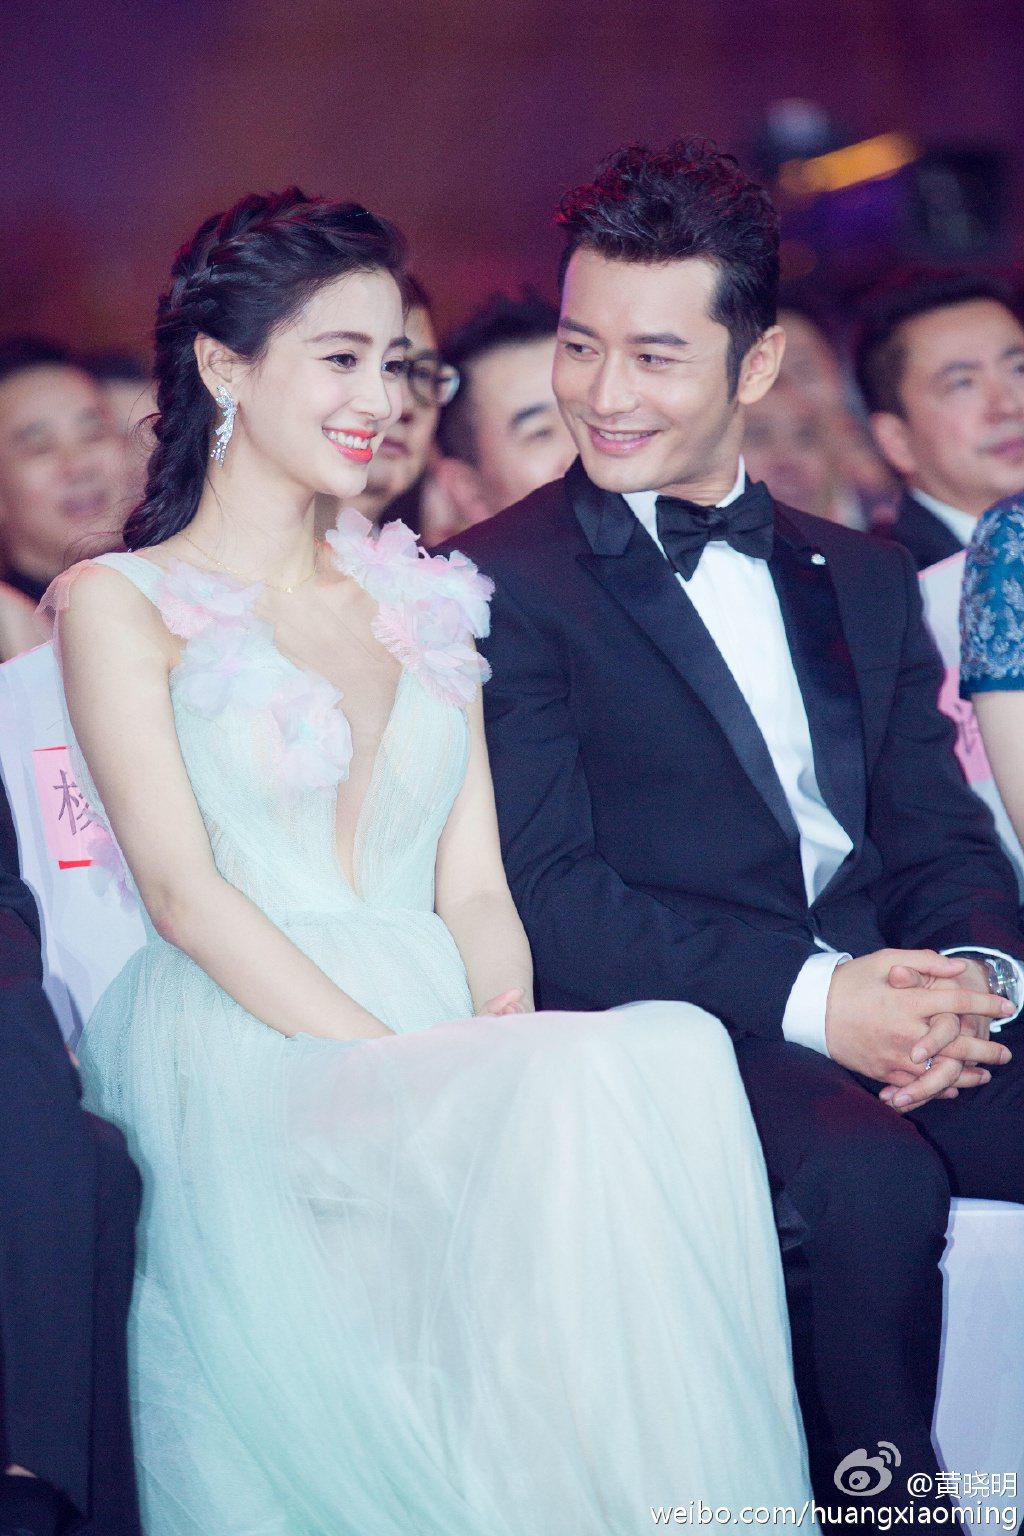 黃曉明與Angelababy登上2017富比世名人榜最強夫妻檔。圖/摘自微博